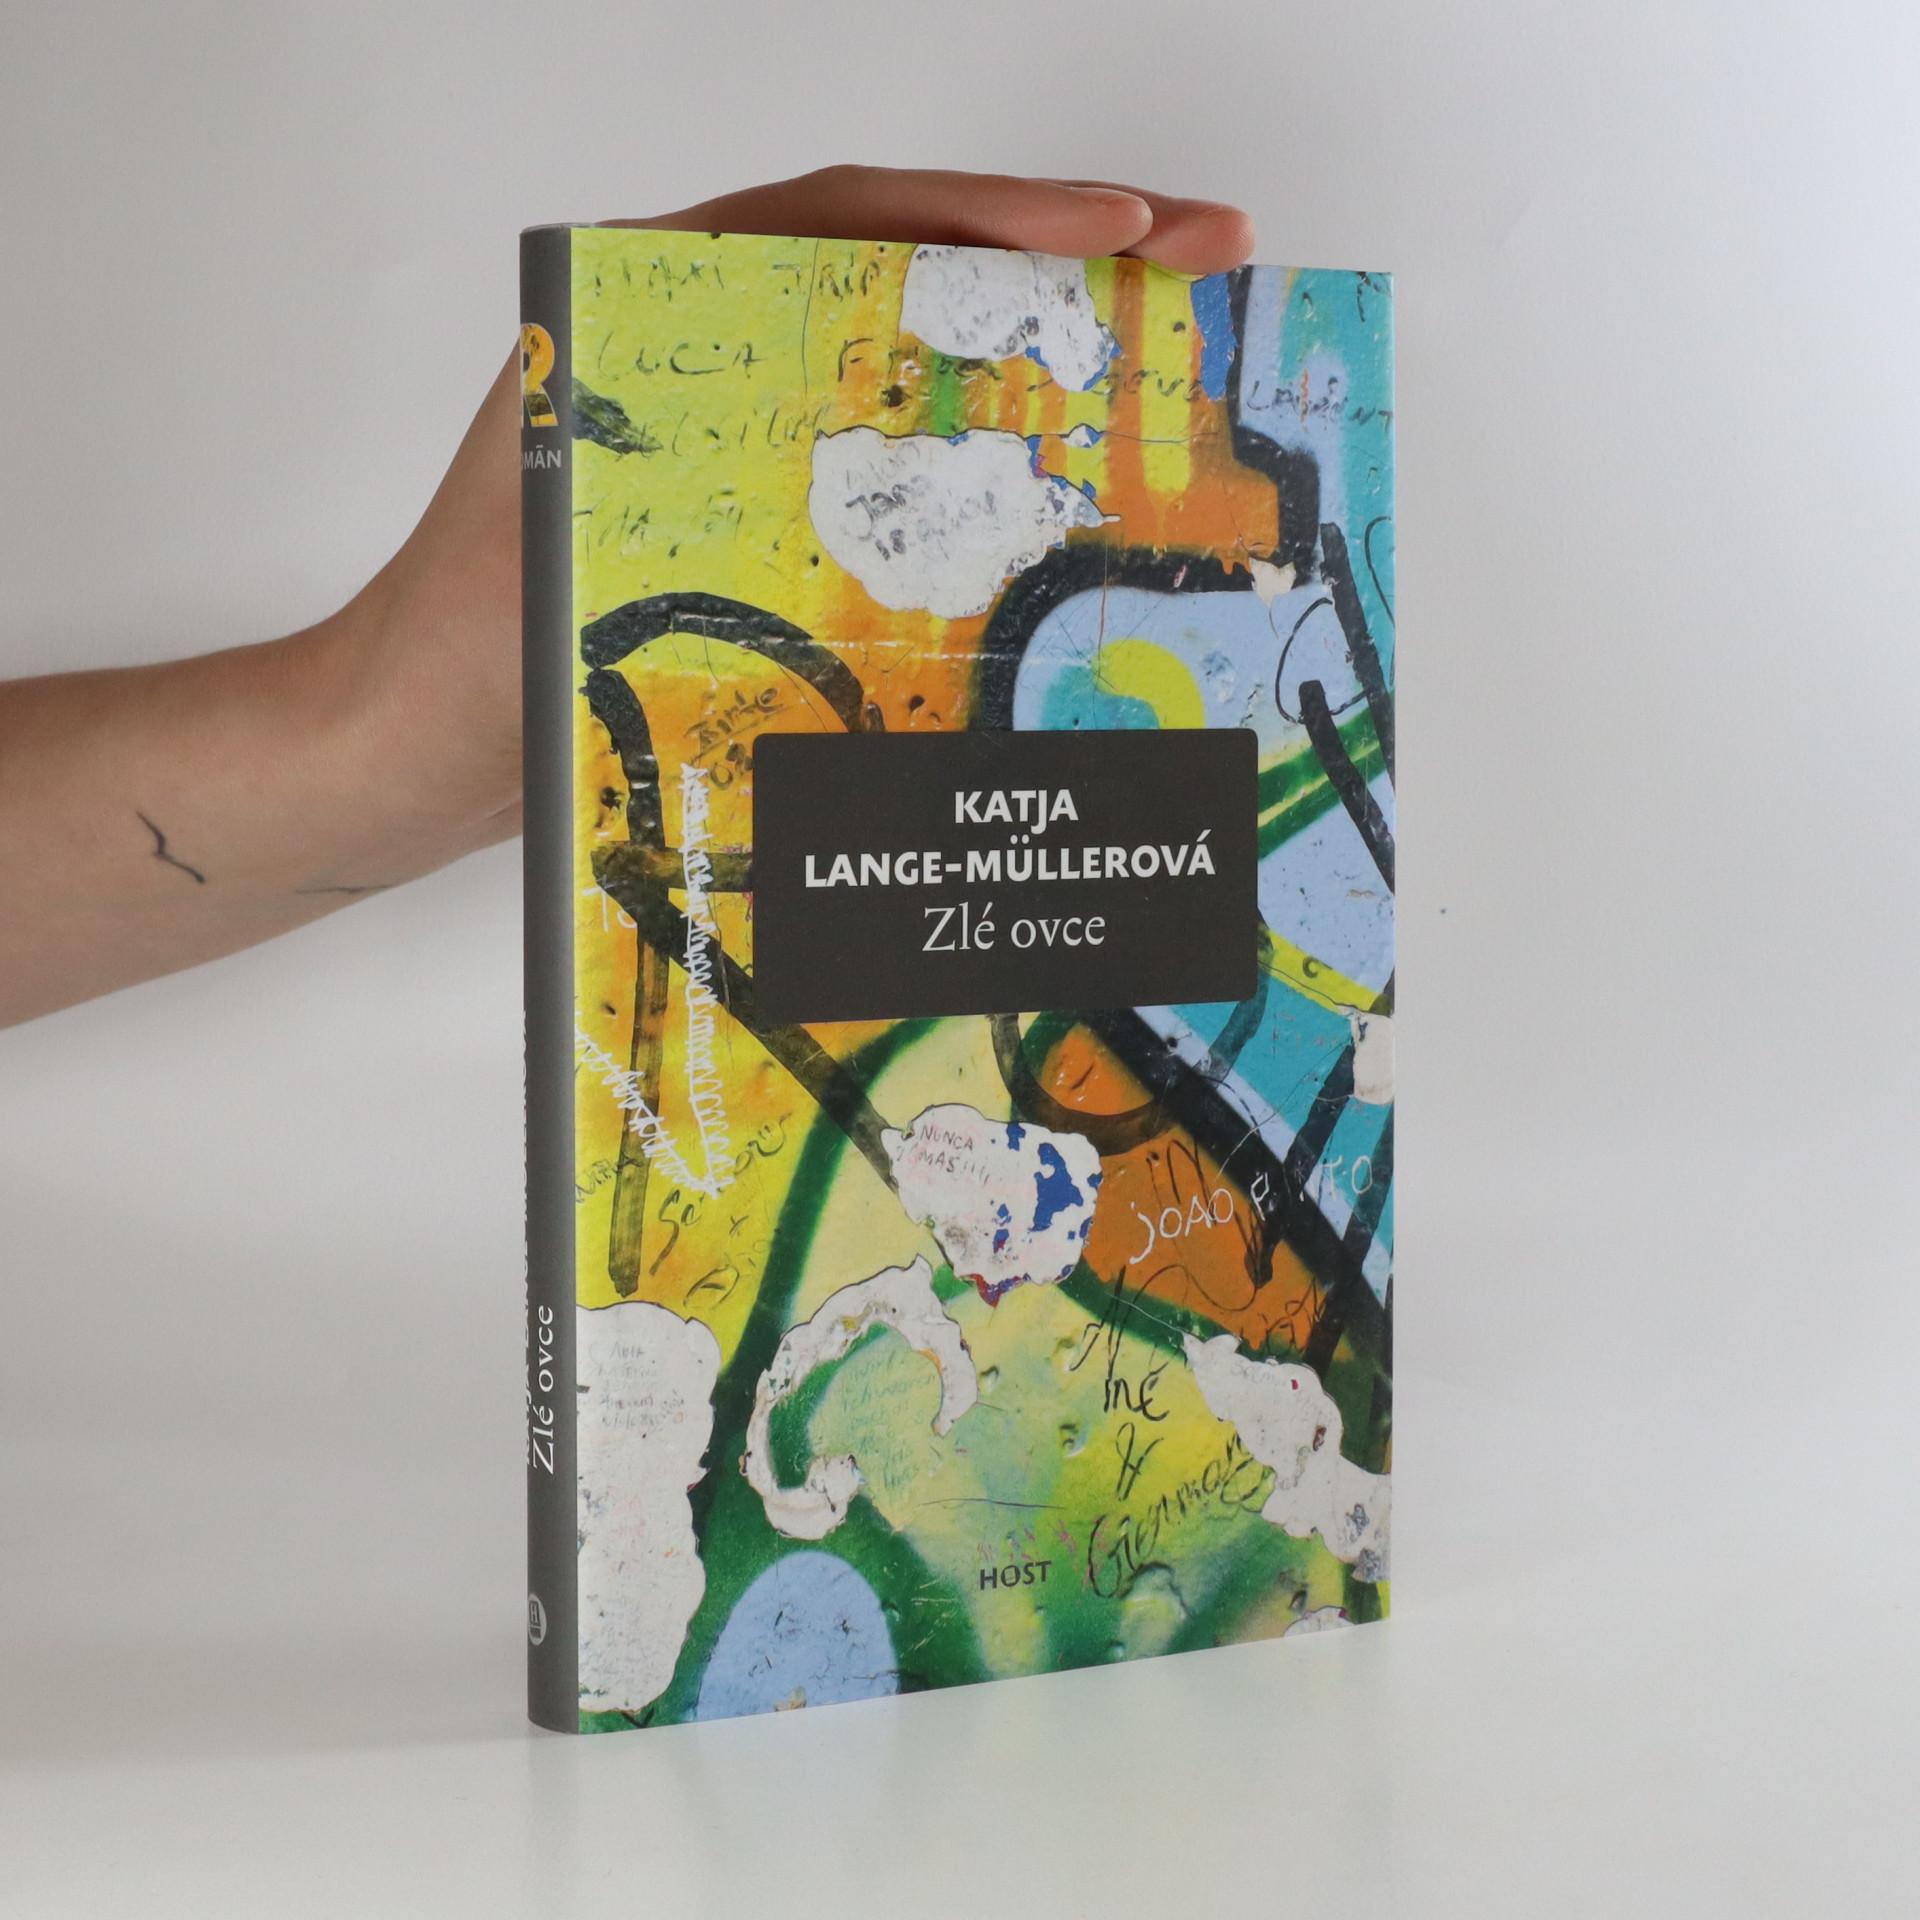 antikvární kniha Zlé ovce, 2009